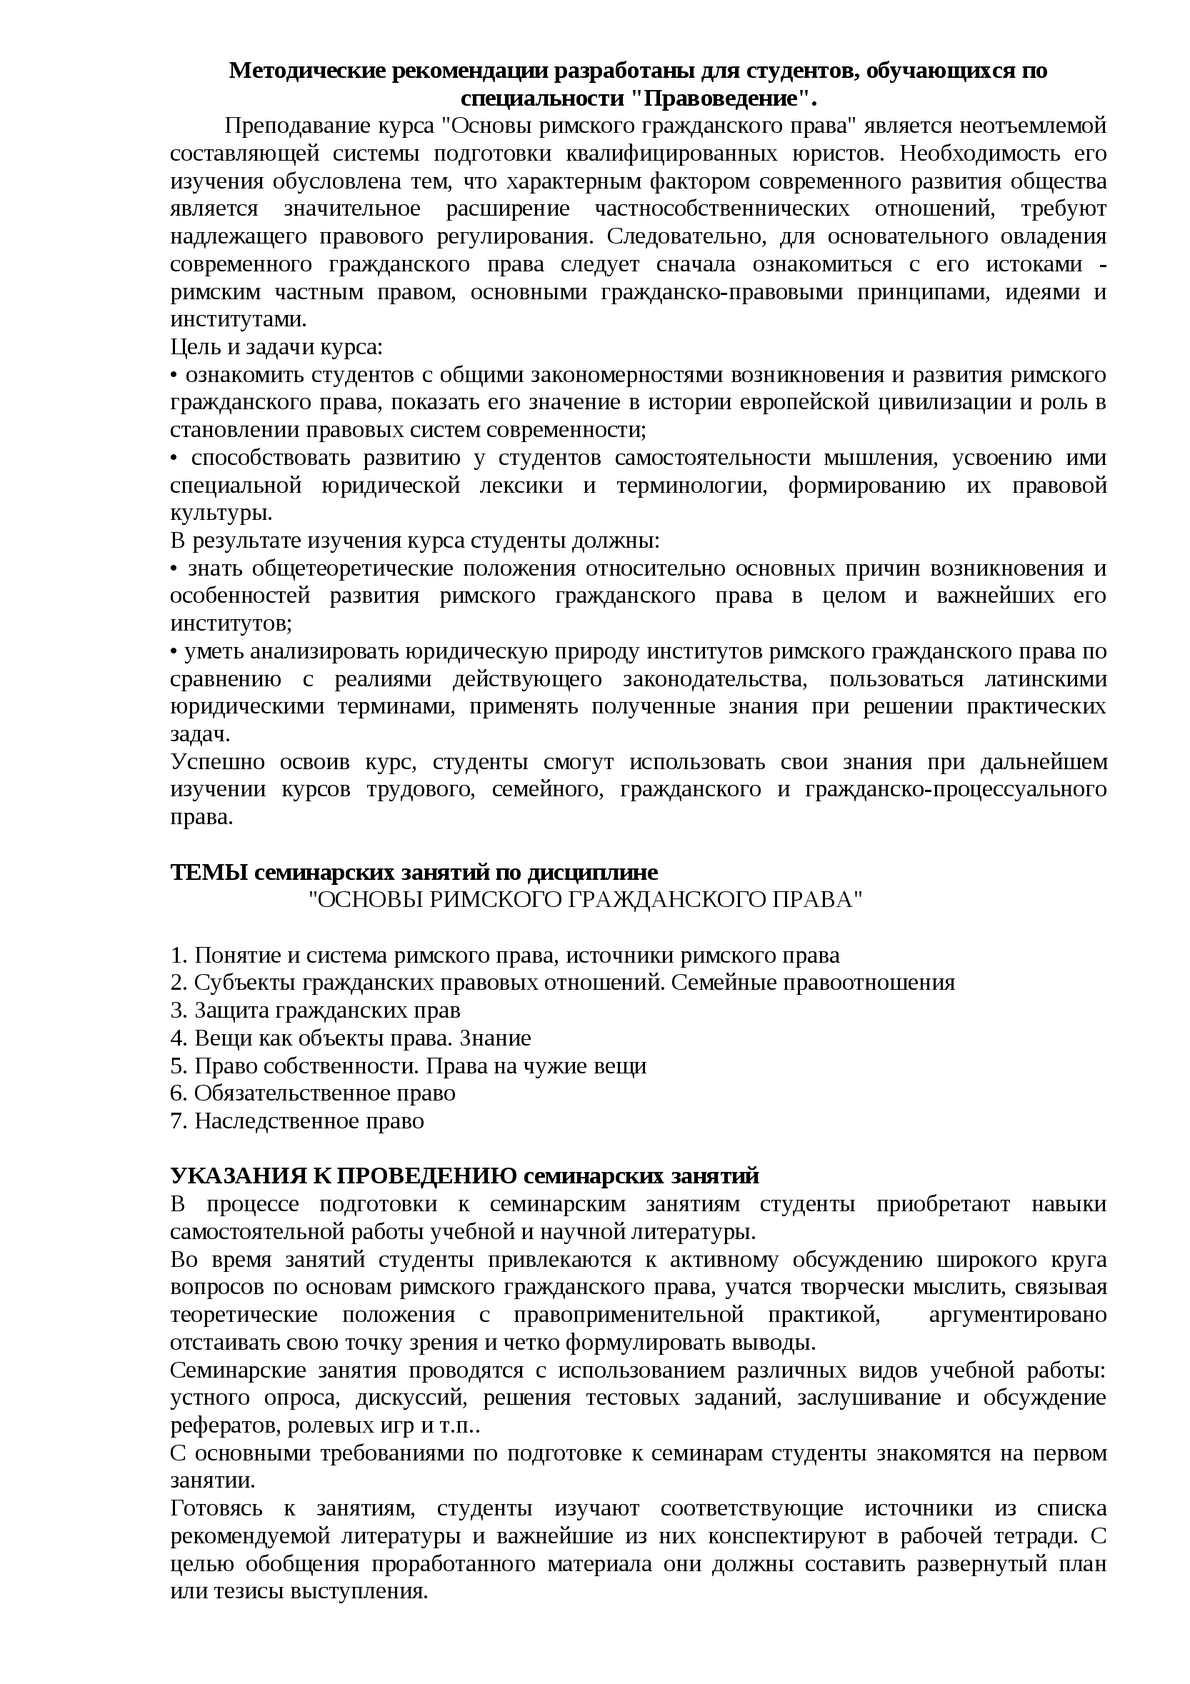 Можно ли продать землю в аренде под строительство Тихомирова Н.В.